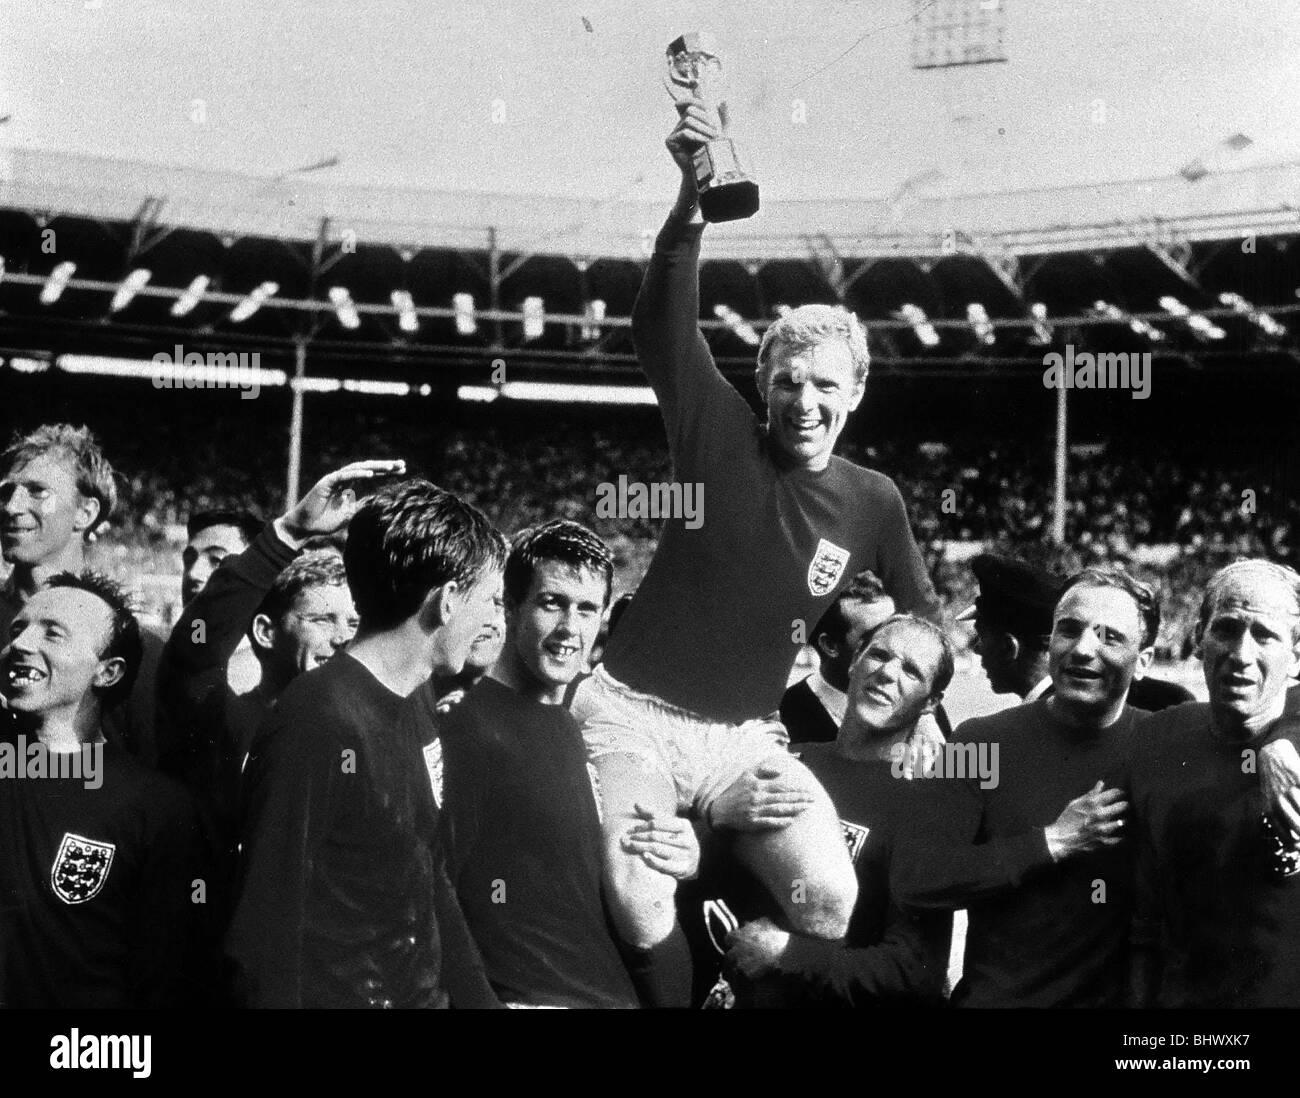 Final de la Copa Mundial de Julio de 1966 en el estadio de Wembley Inglaterra 4 v Alemania Occidental 2 después Imagen De Stock